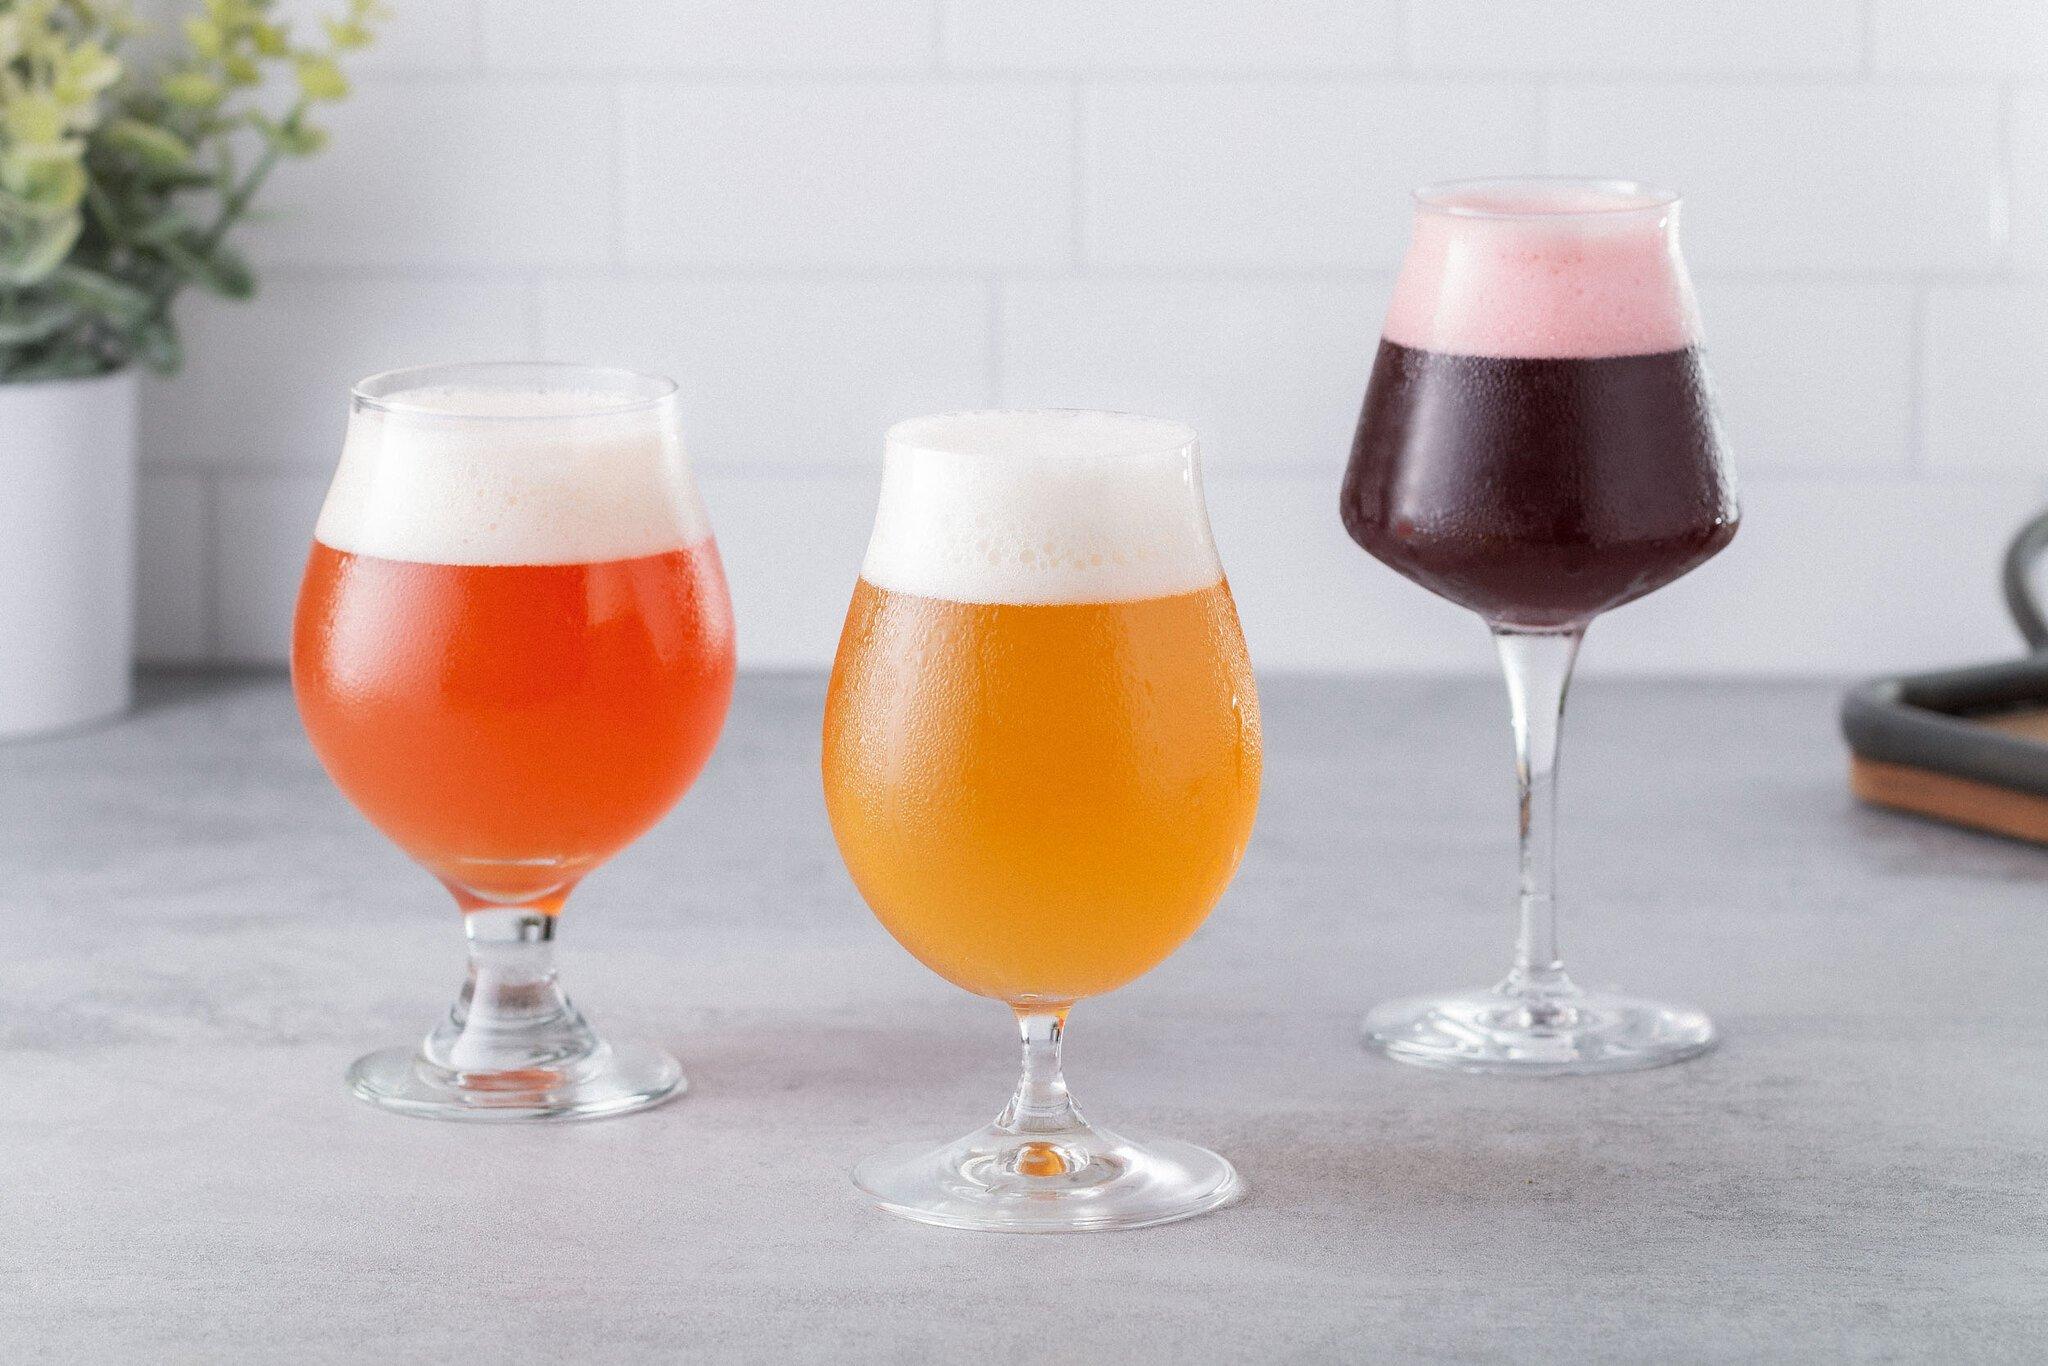 Kegworks-Sour-Beer-Guide-1